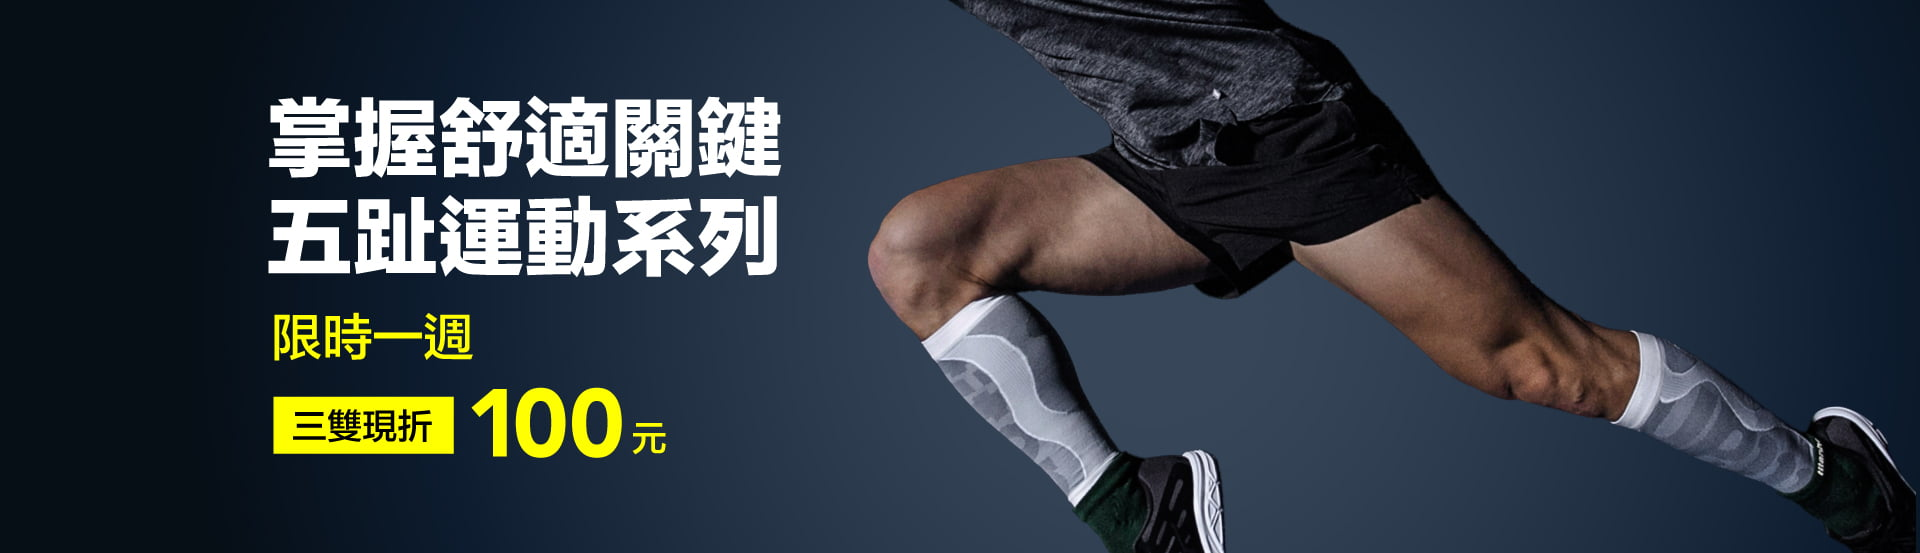 五趾運動系列 3雙現折100